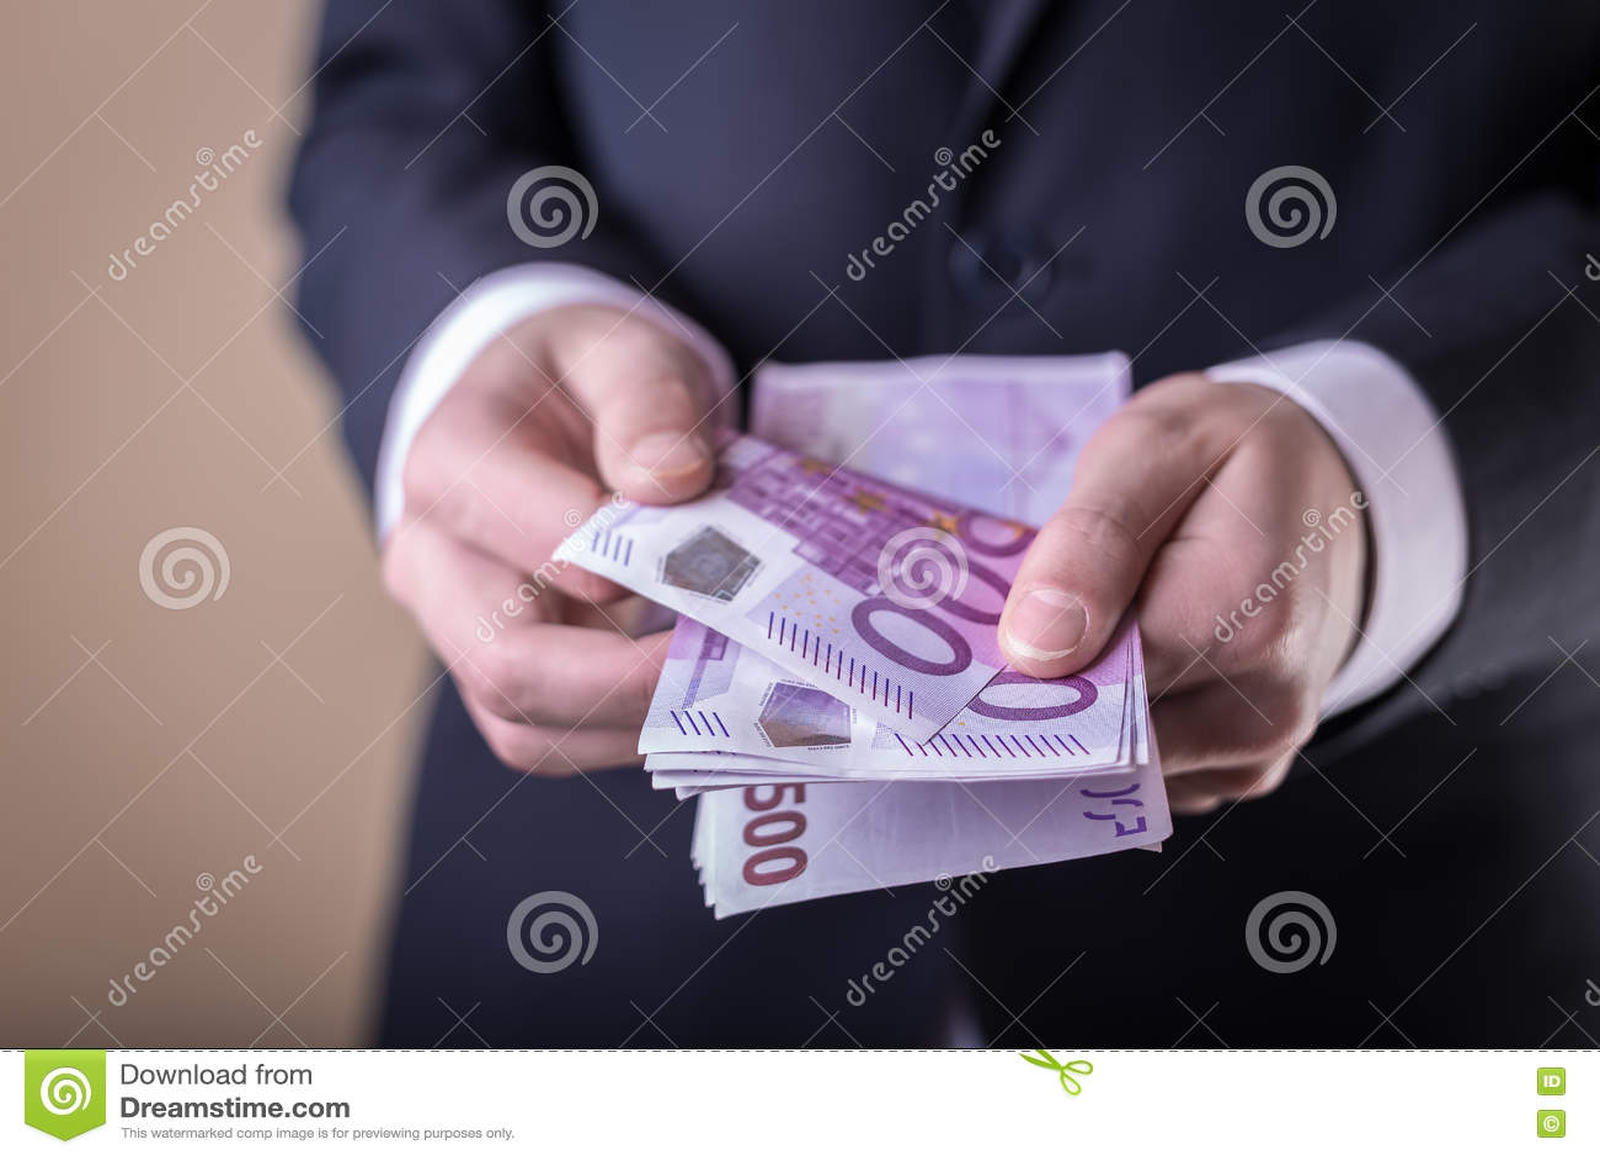 Steekpenning en corruptie met euro bankbiljetten